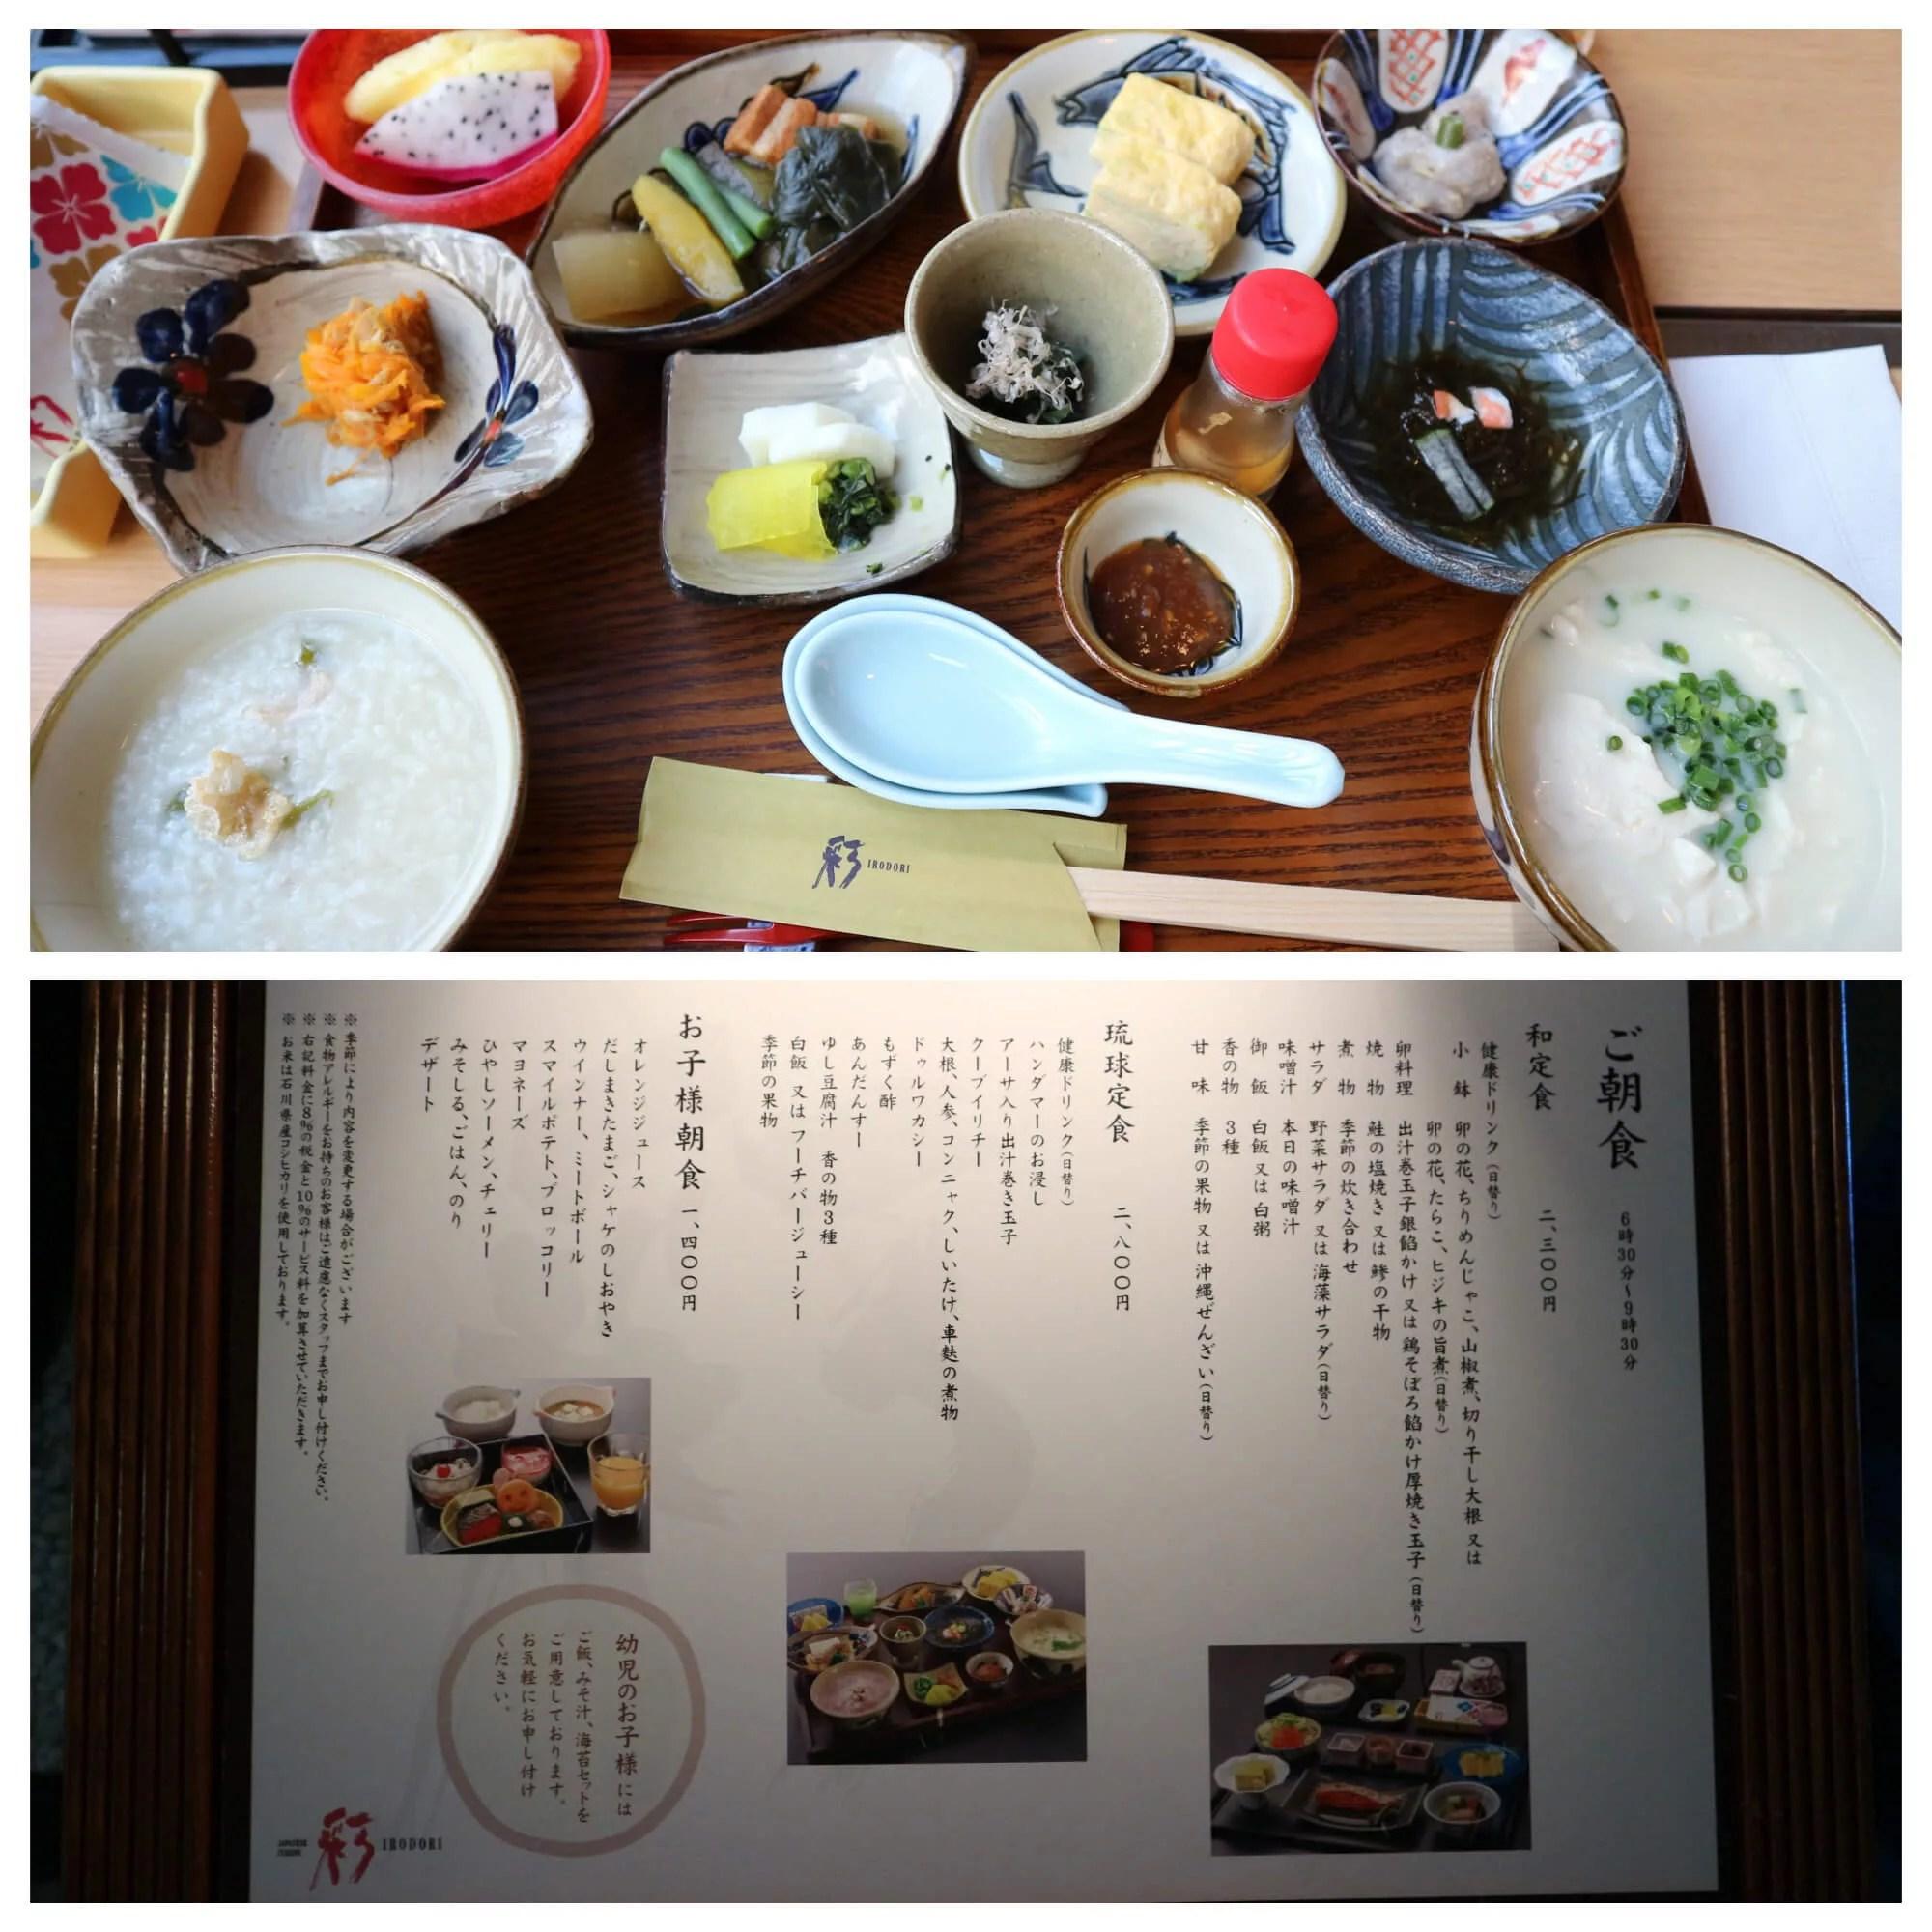 ルネッサンスリゾートオキナワ・日本料理「彩」朝食(無料で食べられる琉球朝食・和朝食)